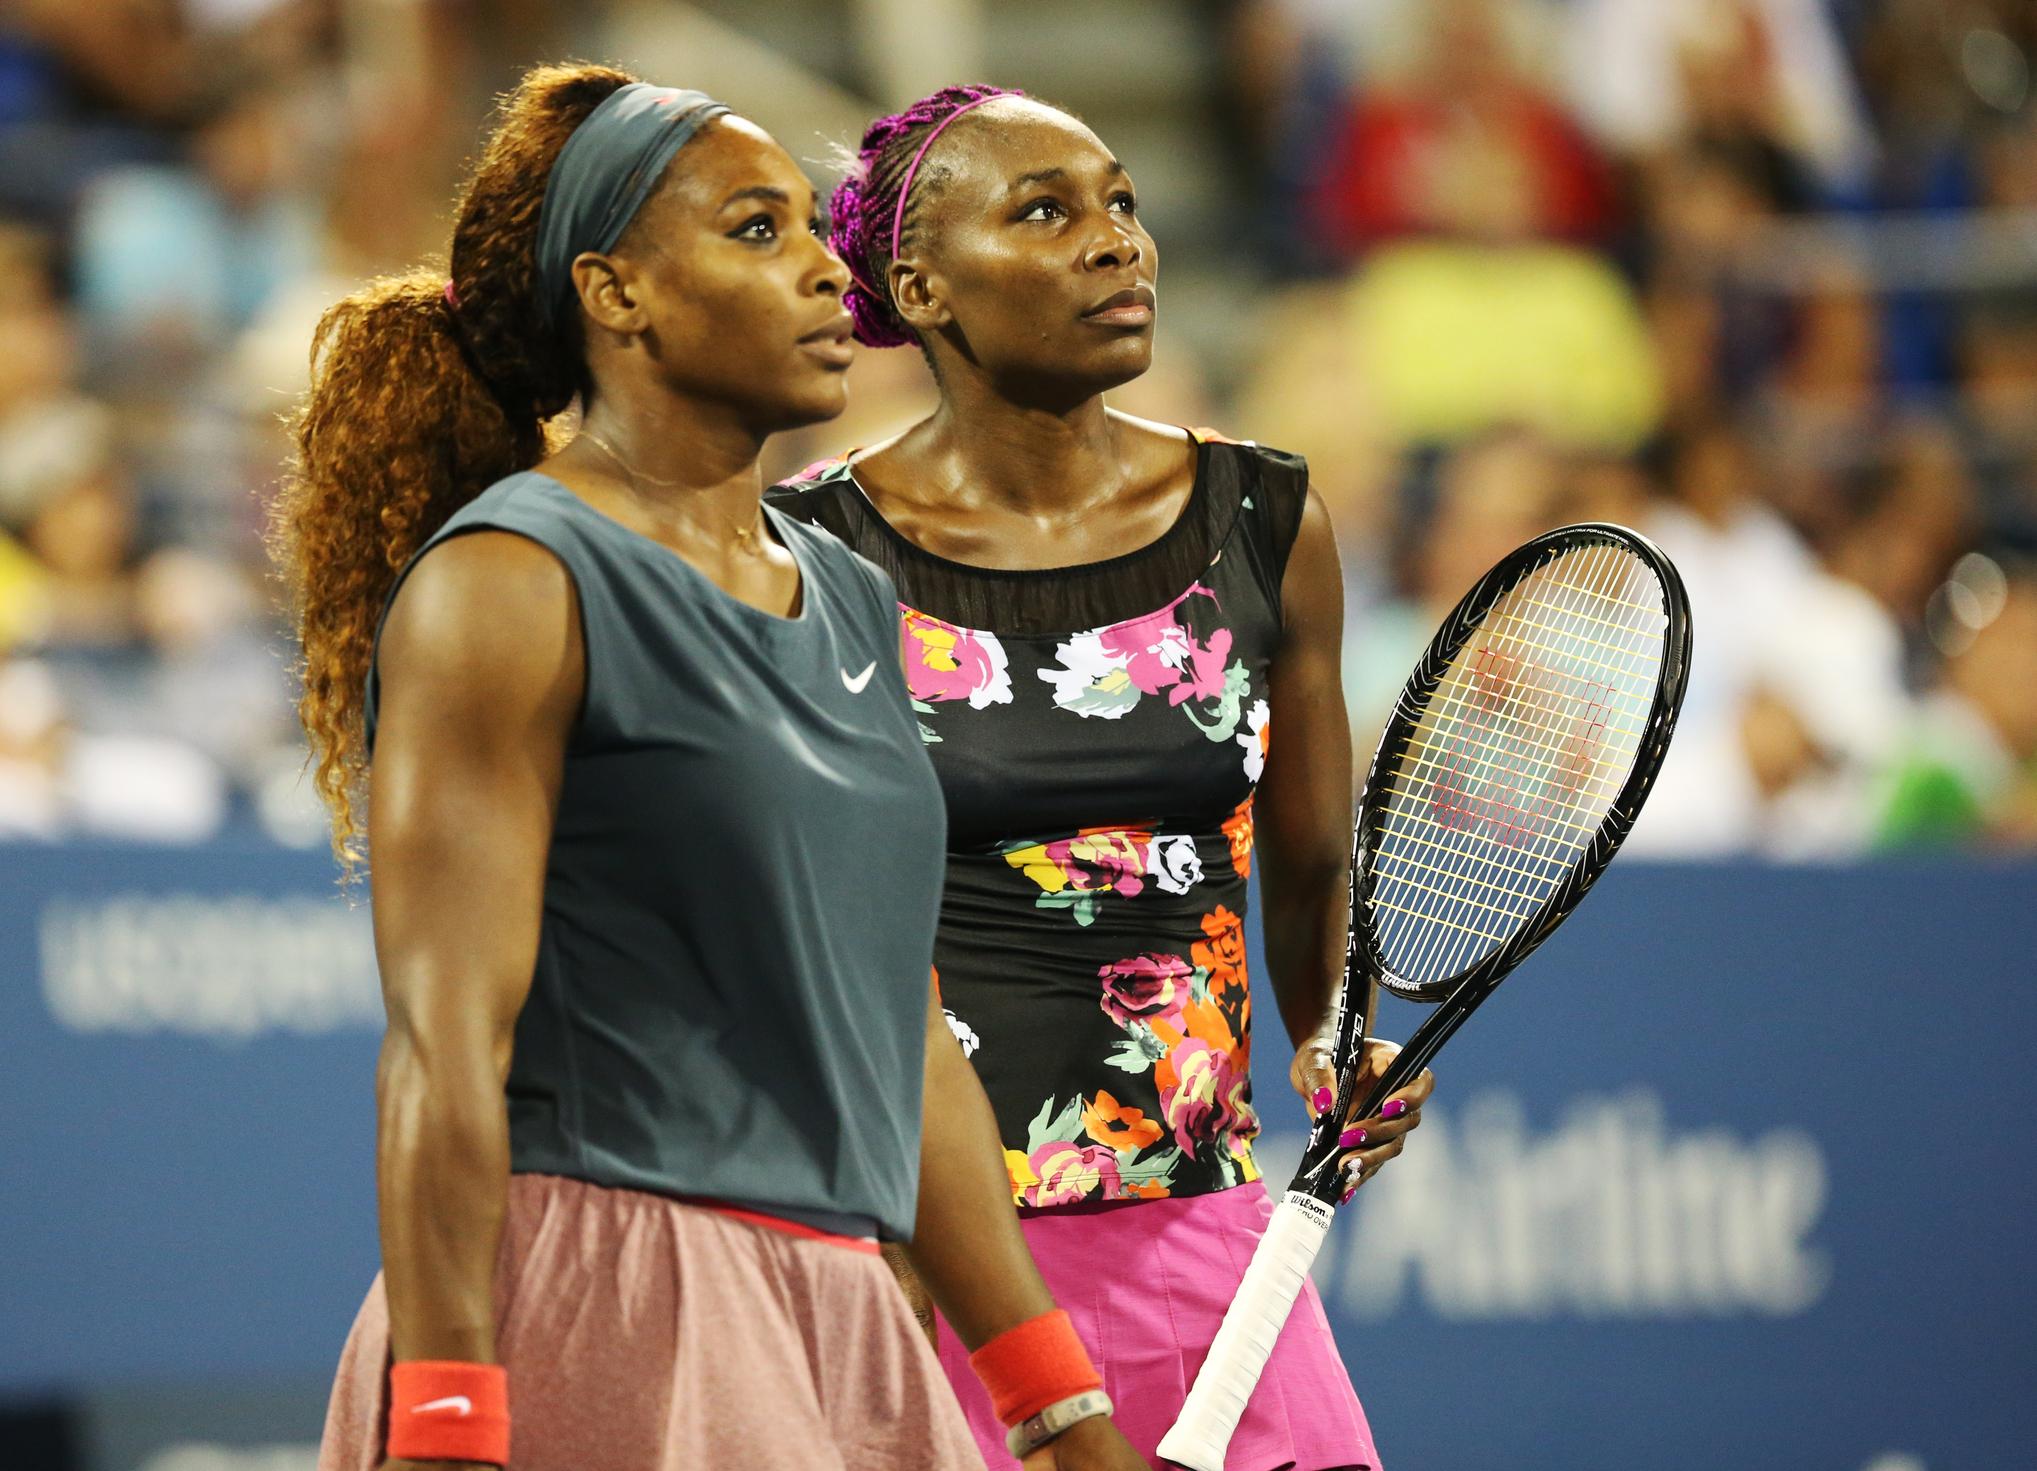 Siostry Williams otrzymały od WADA pozwolenie na stosowanie dopingu?